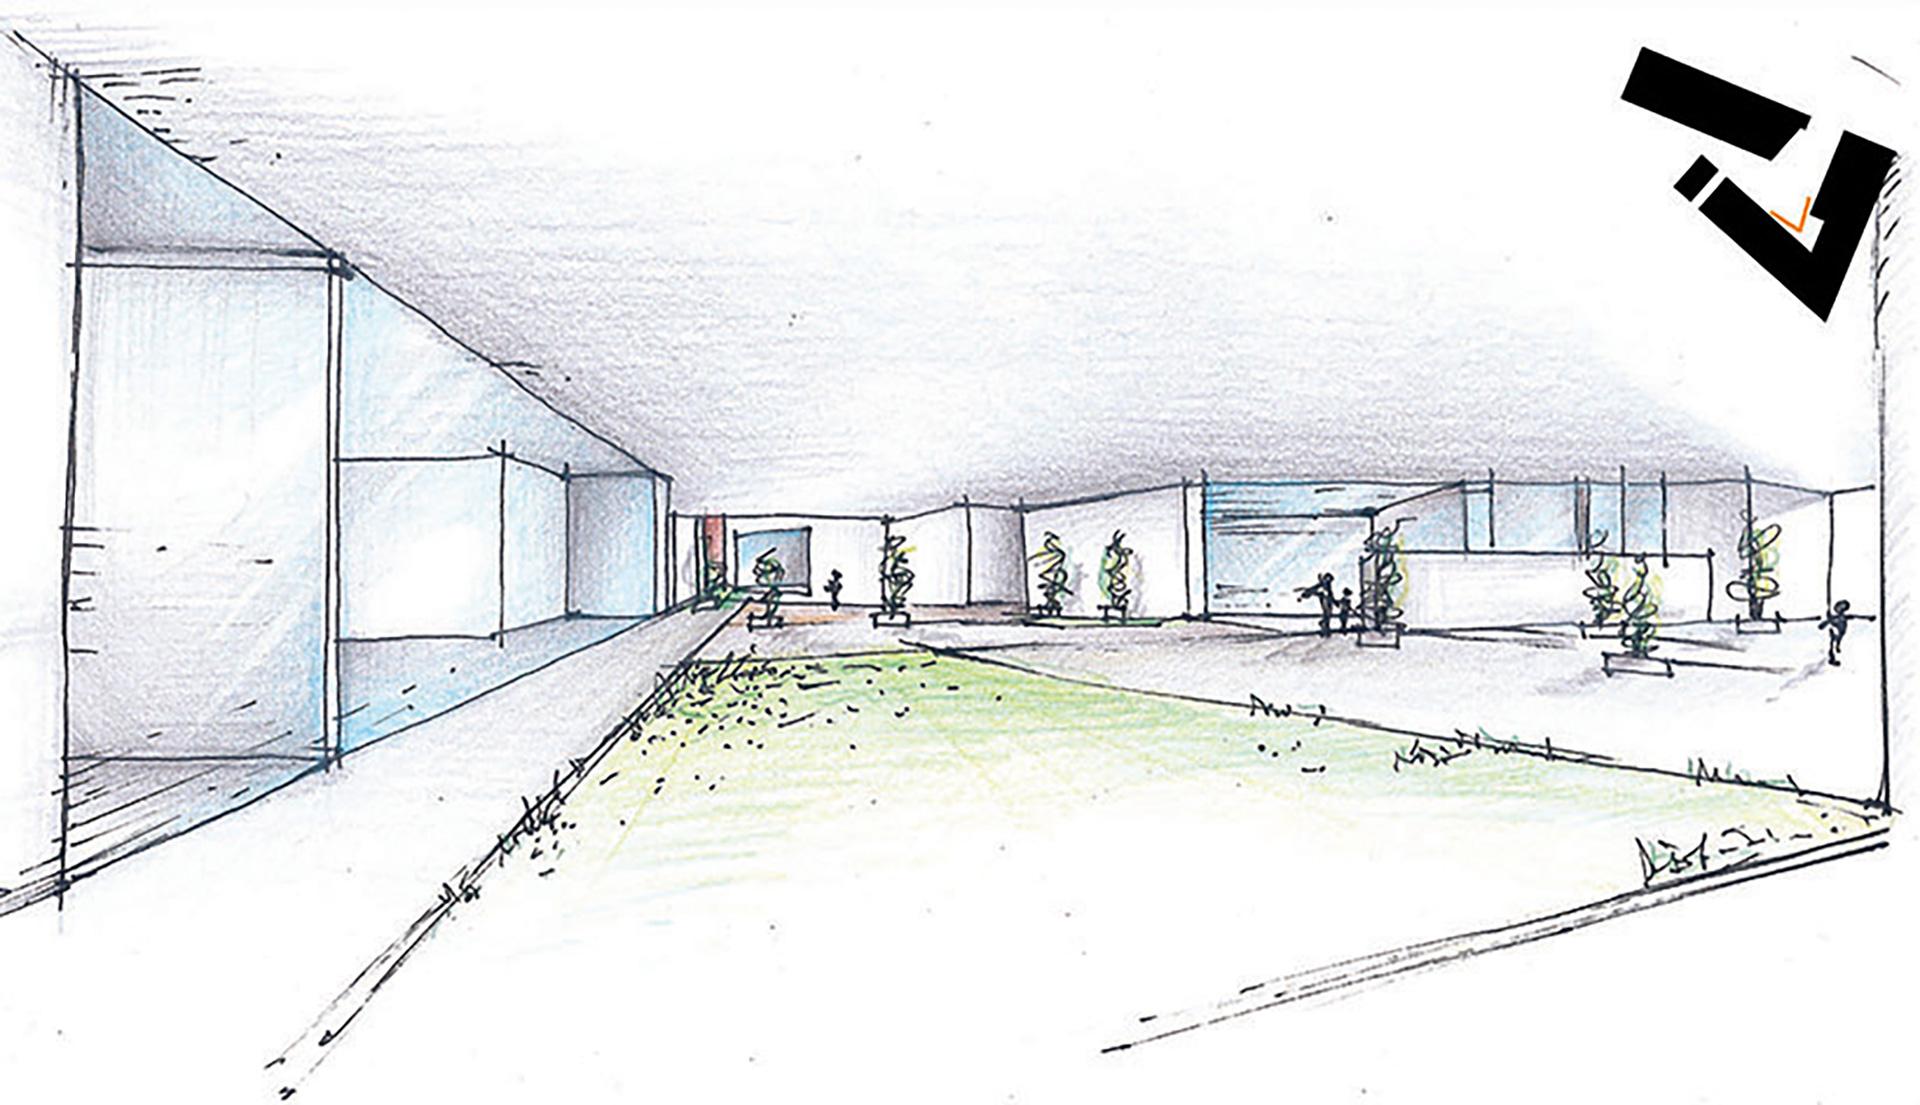 scuole professionali. schizzo del cortile, il cuore dell'edificio scolastico che ha origine dalla compenetrazione volumetrica e dal processo di sottrazione cui vengono sottoposti i volumi.